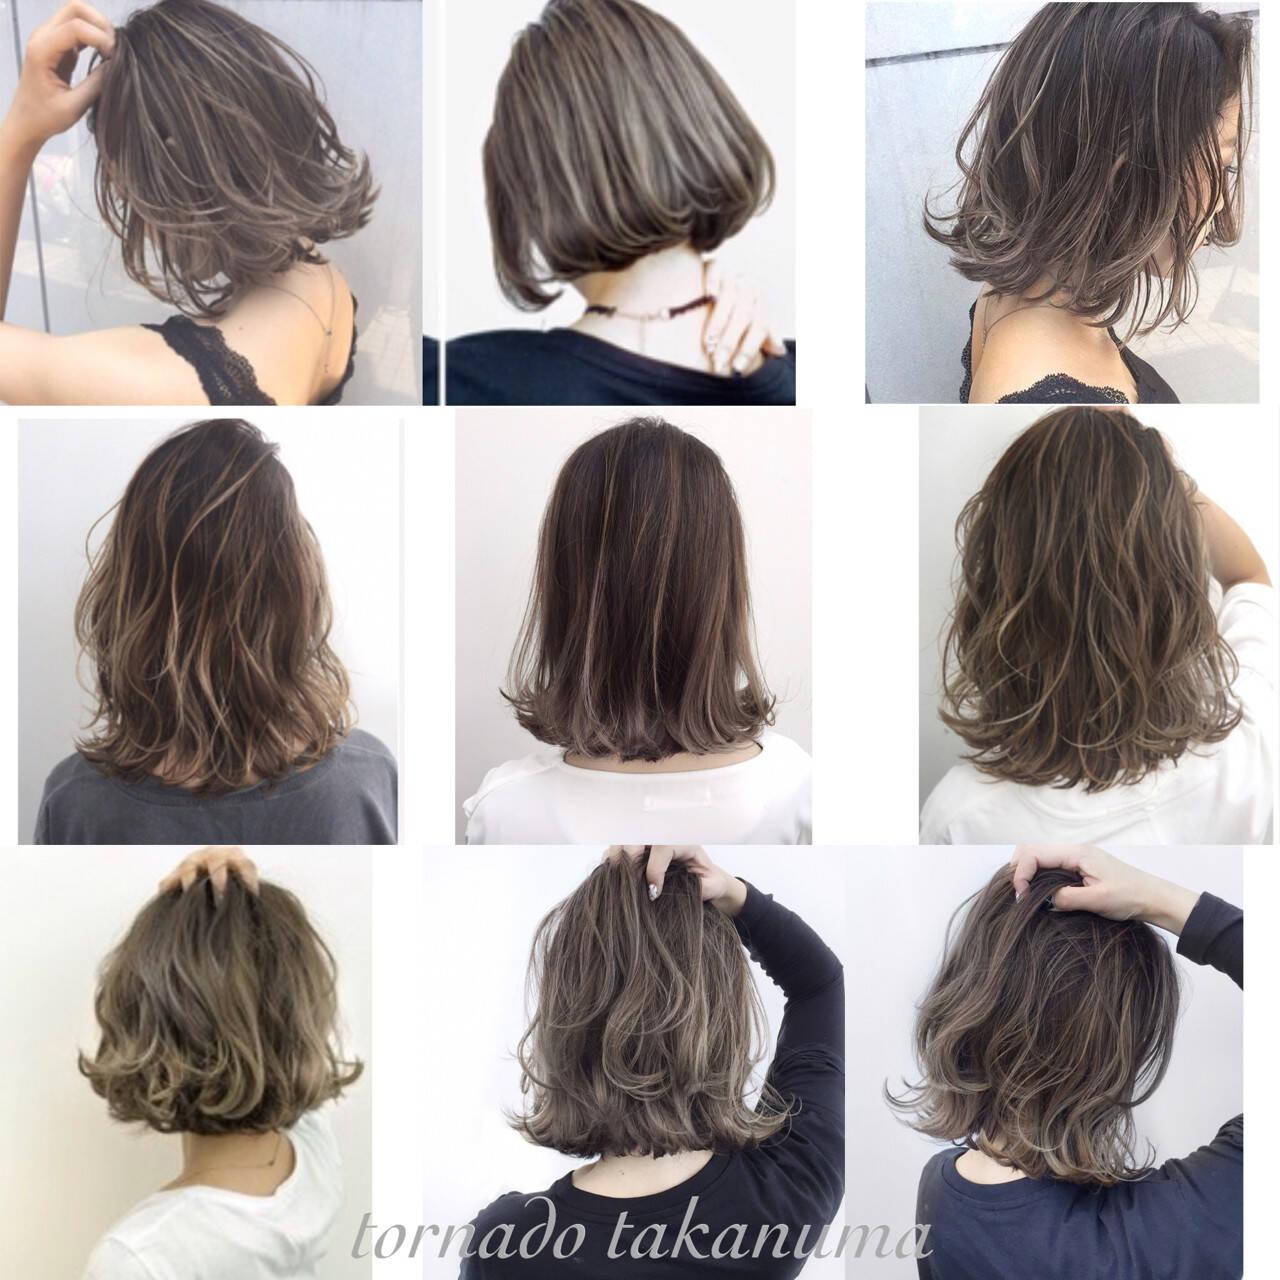 グレージュ ナチュラル ボブ ハイライトヘアスタイルや髪型の写真・画像